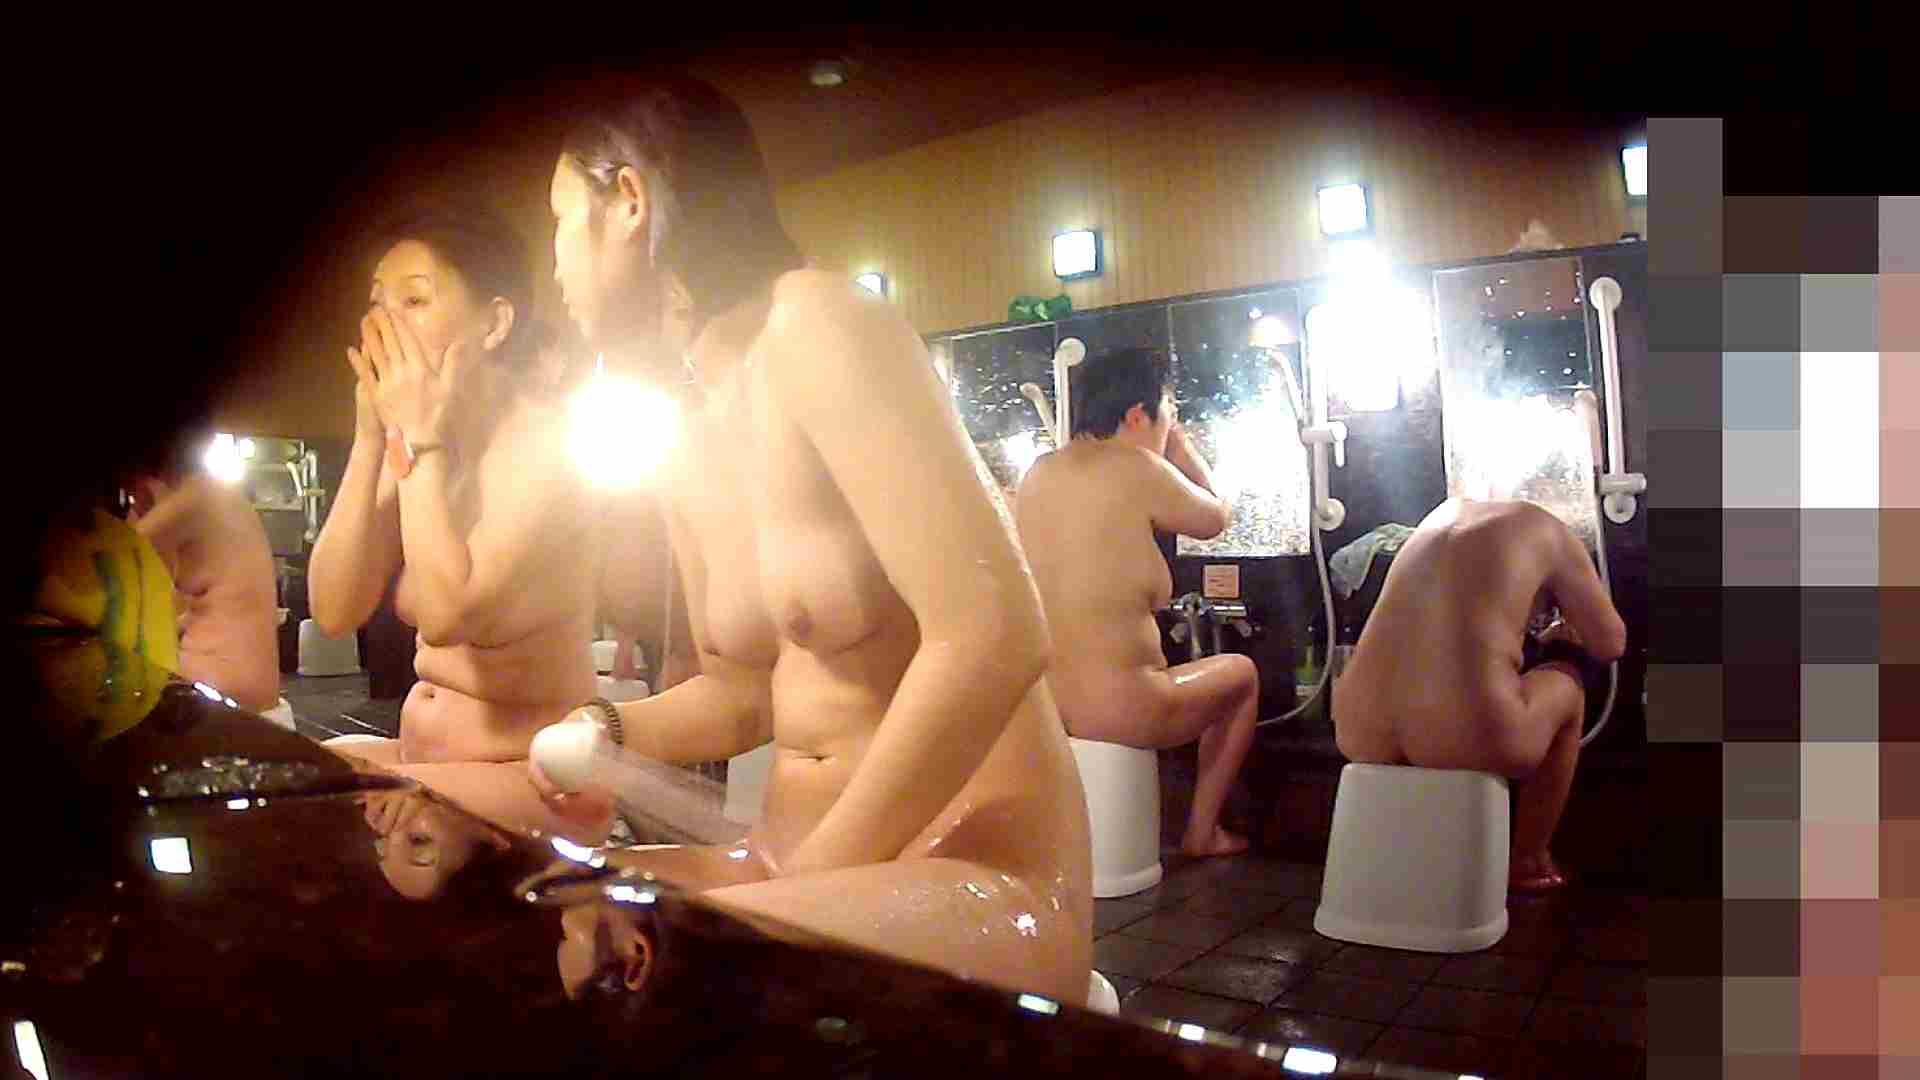 洗い場!陰毛が綺麗に整ってる微美人お嬢様 潜入  64pic 22